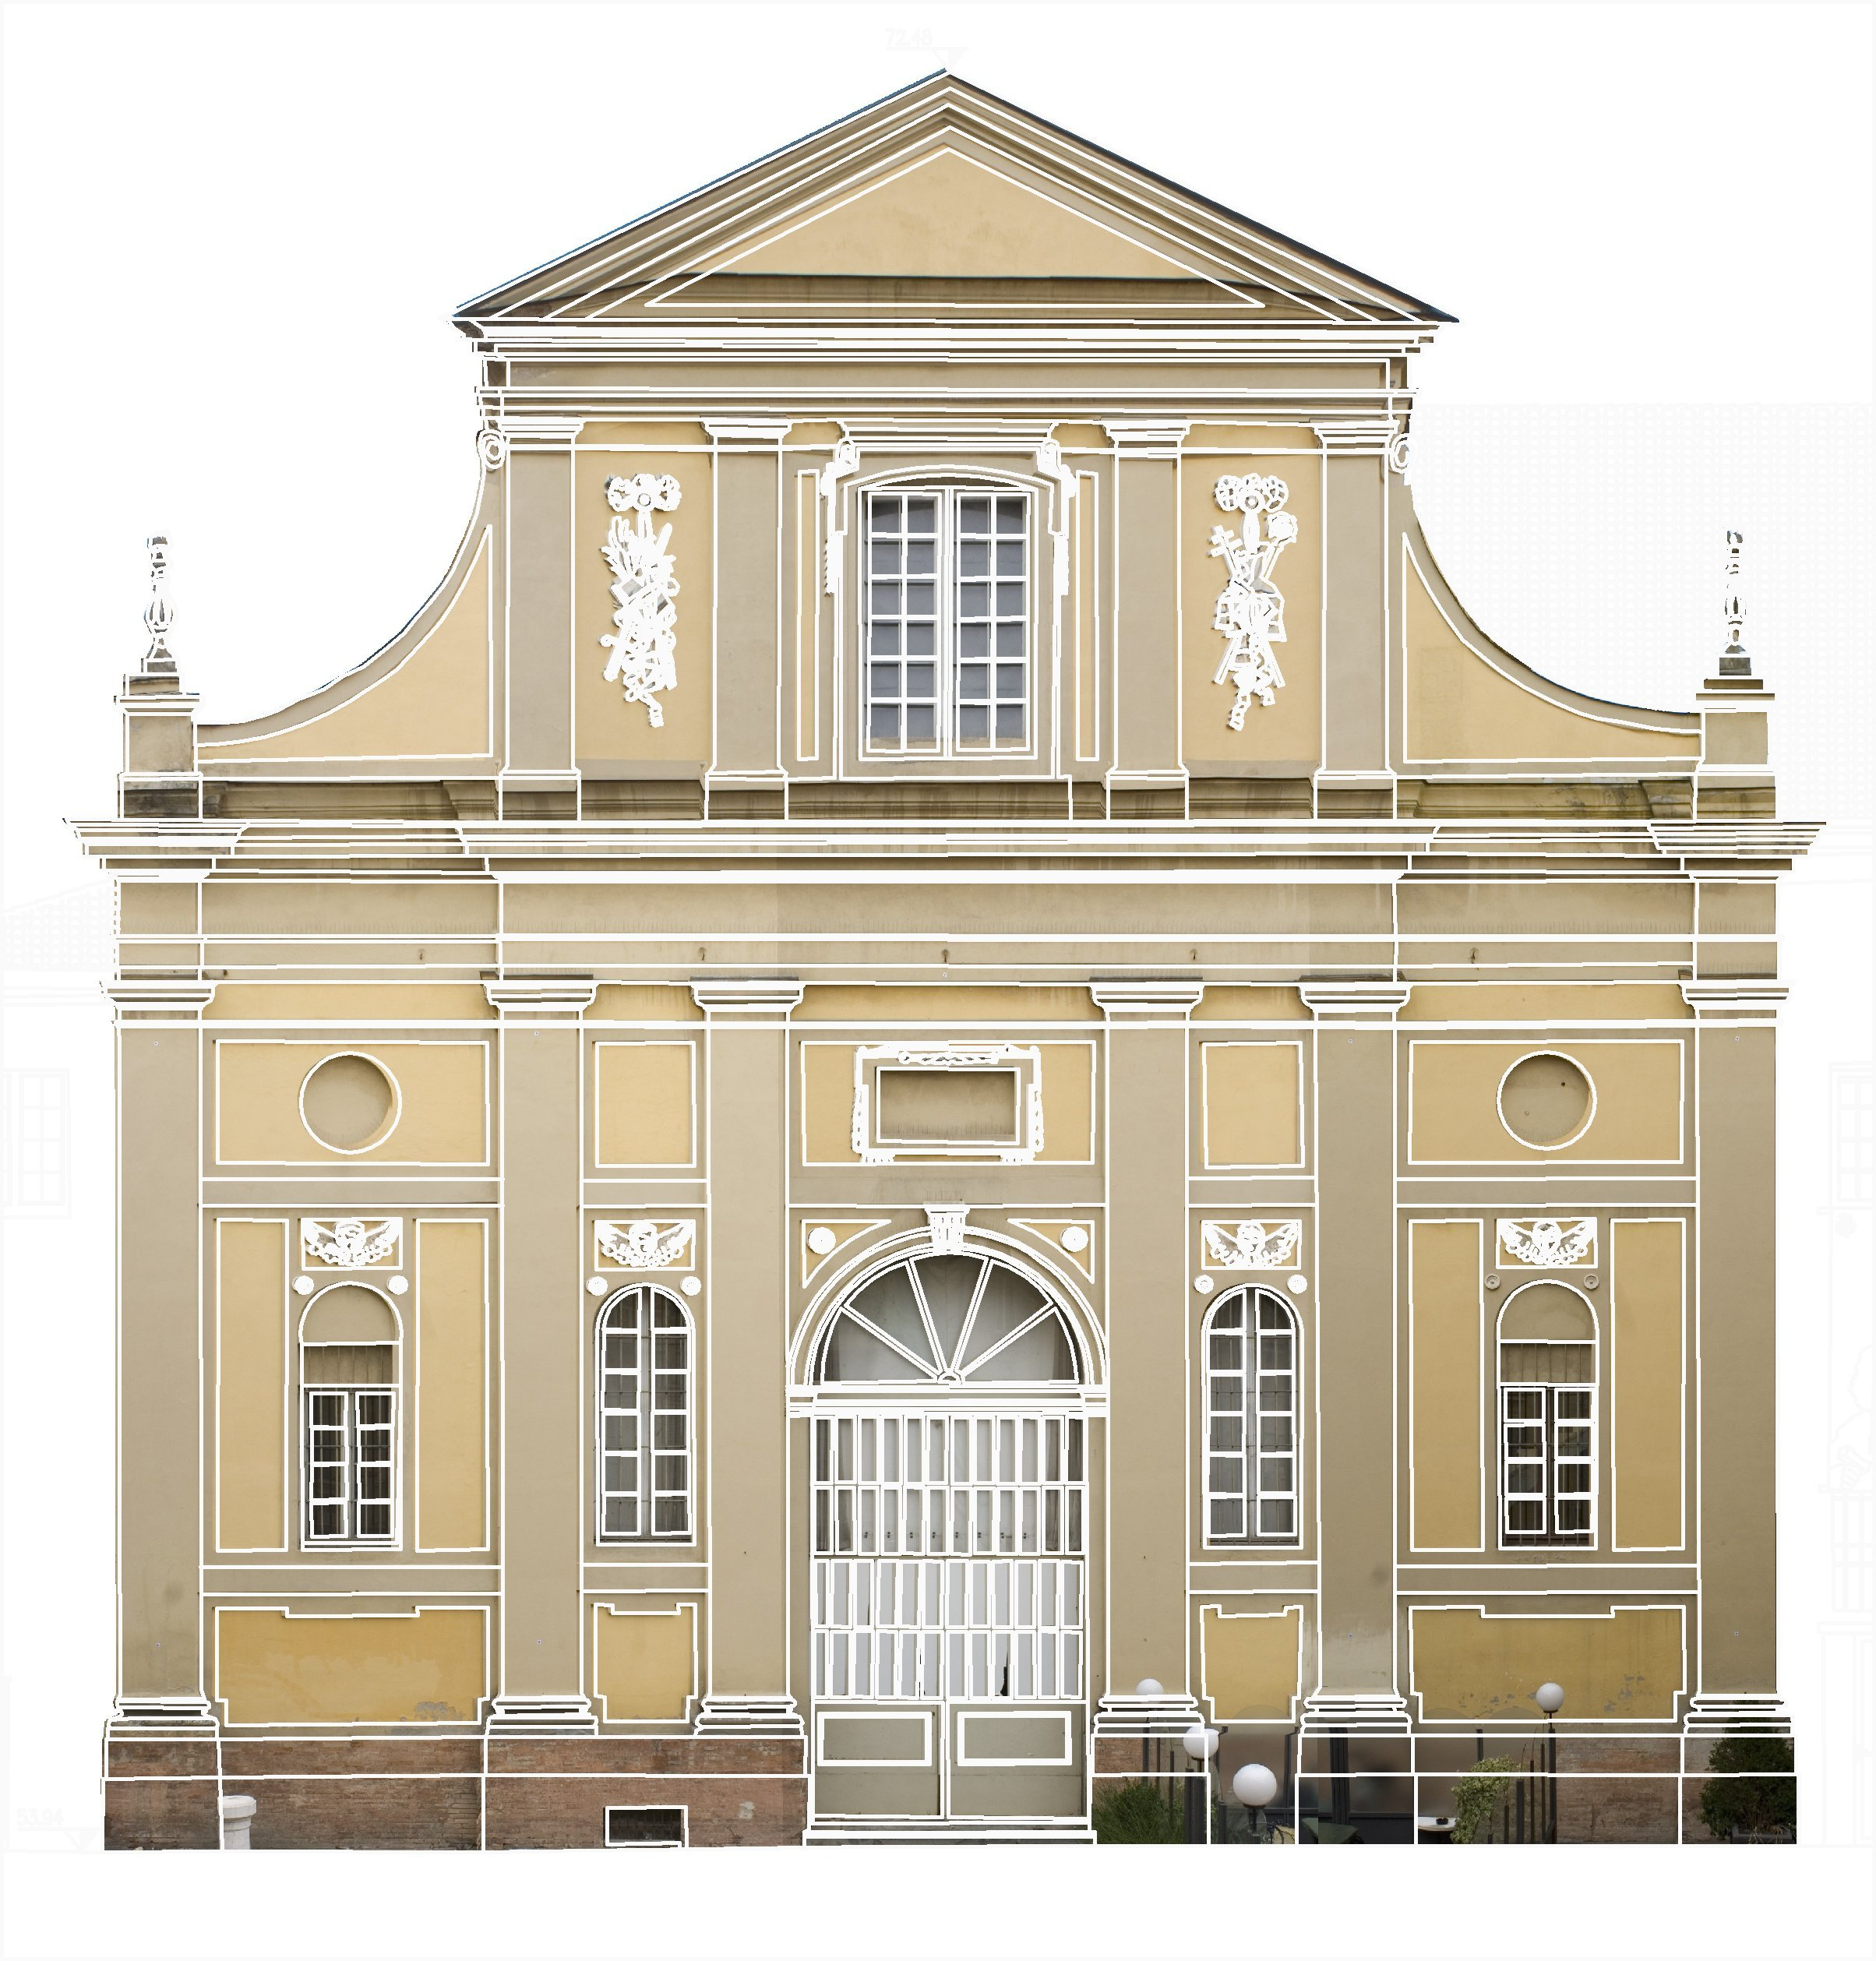 Facciata di un edificio in stile rinascimentale